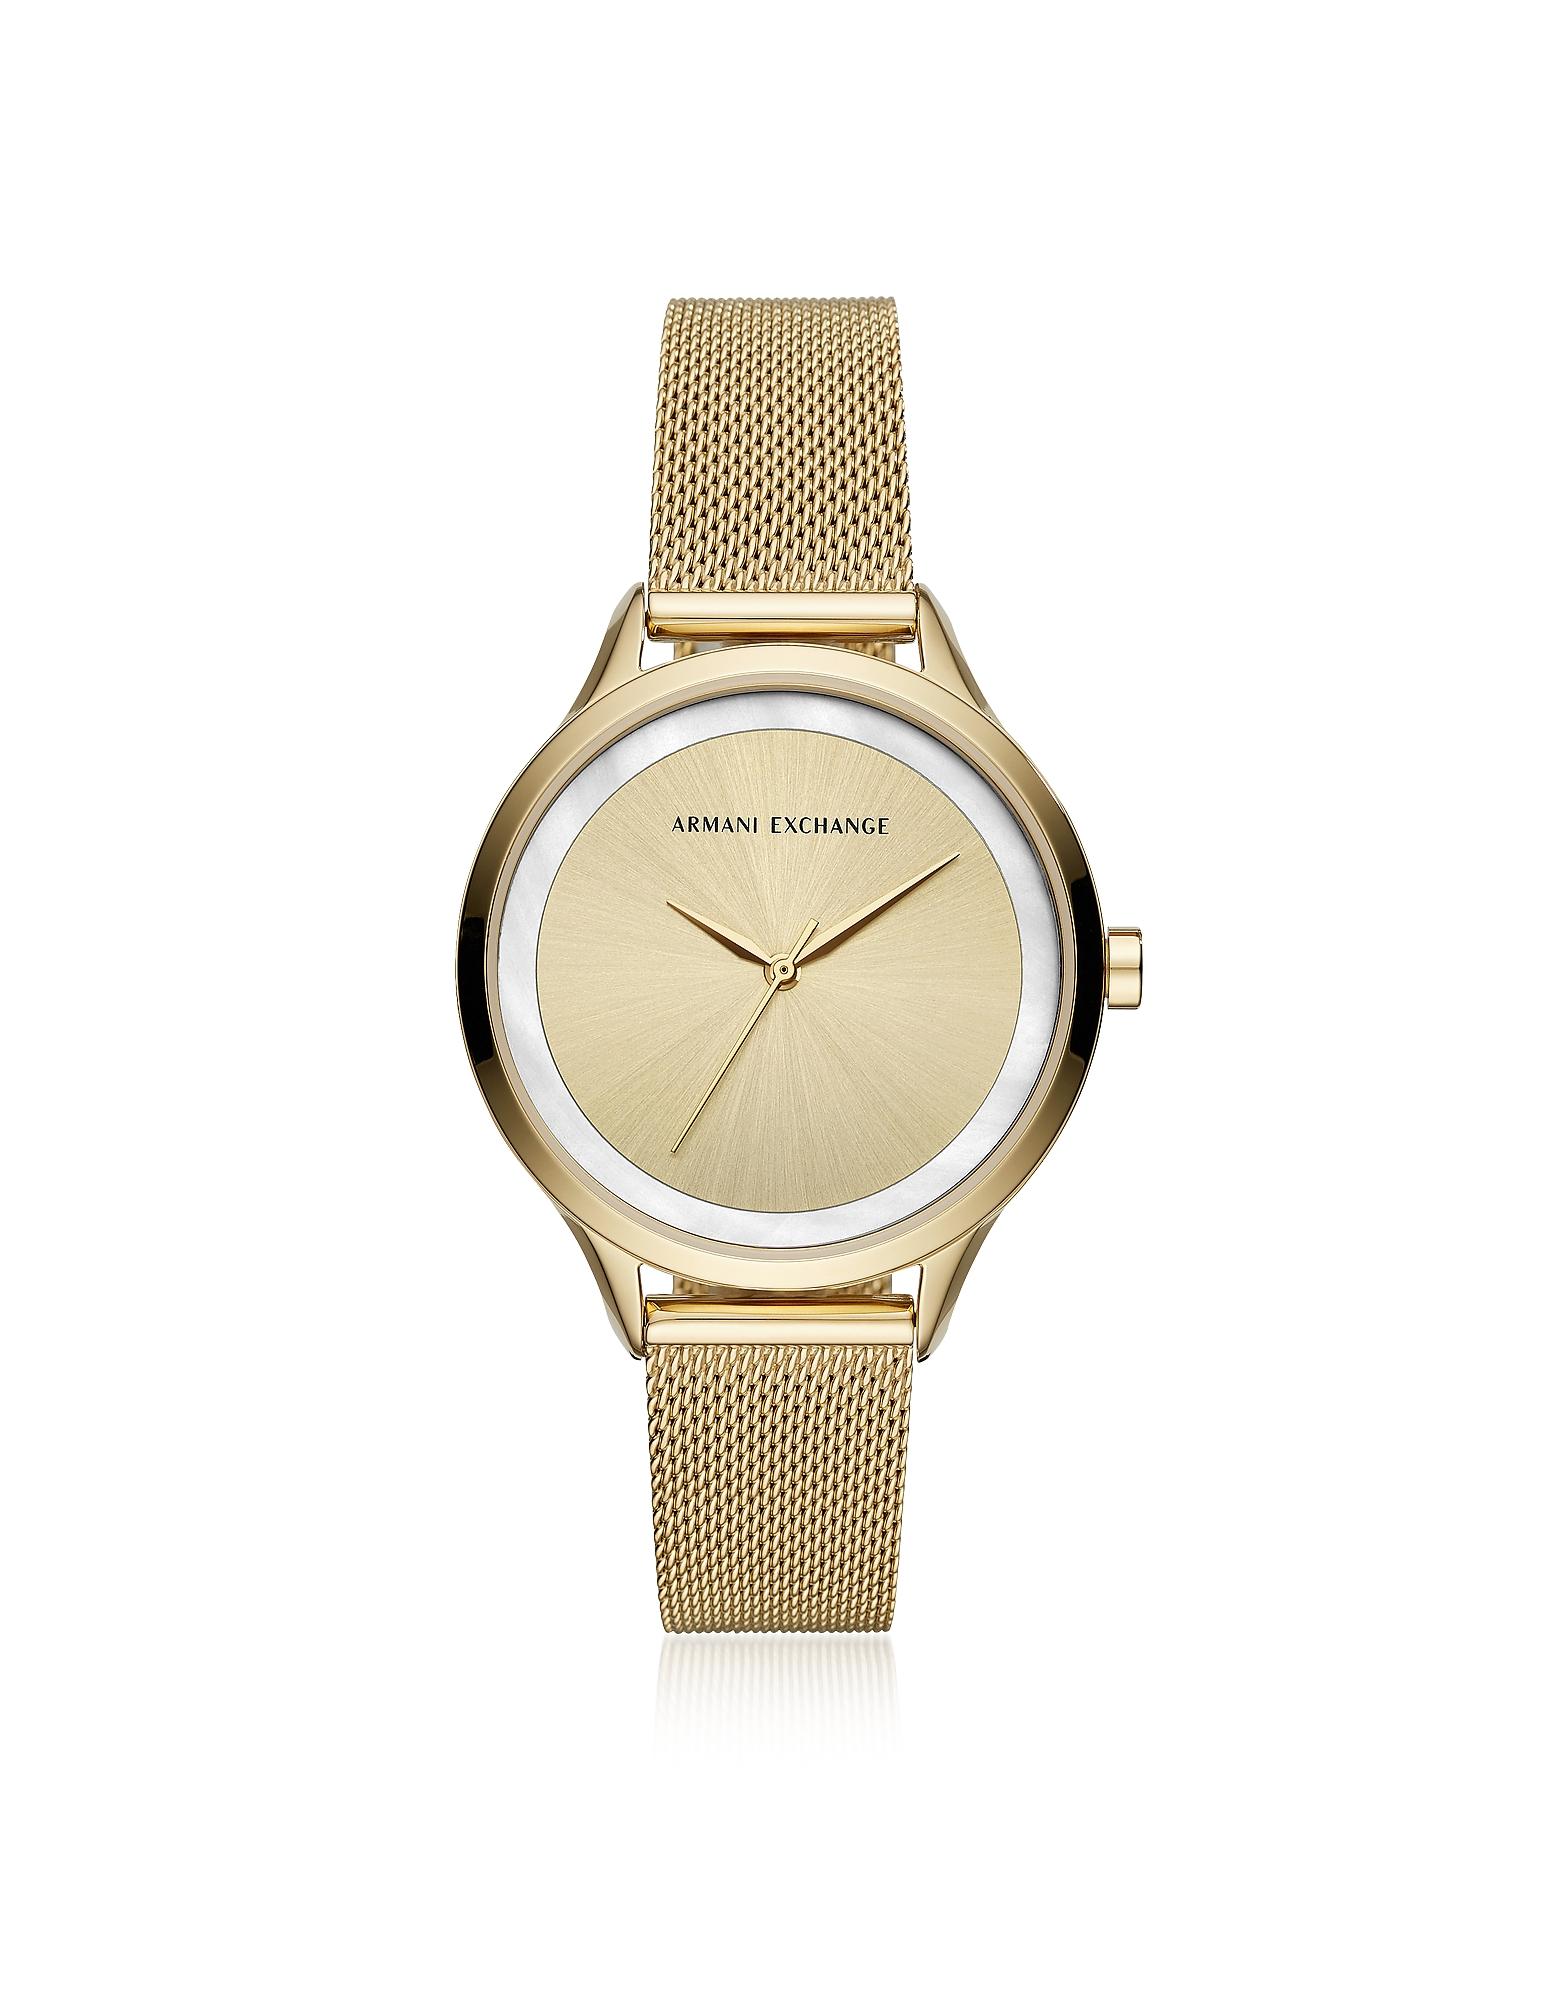 AIX Gold Tone Women's Watch,